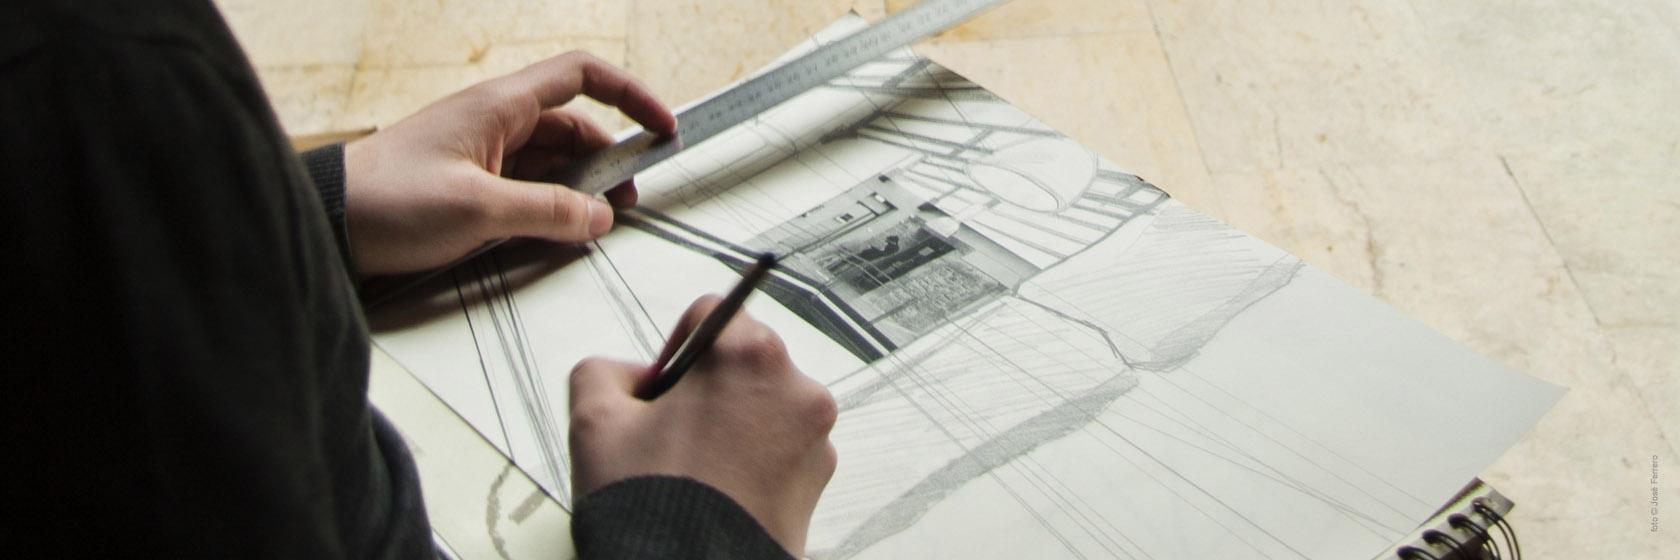 Plano detalle que muestra la mano de una persona dibujando a lápiz en un bloc / Foto: José Ferrero